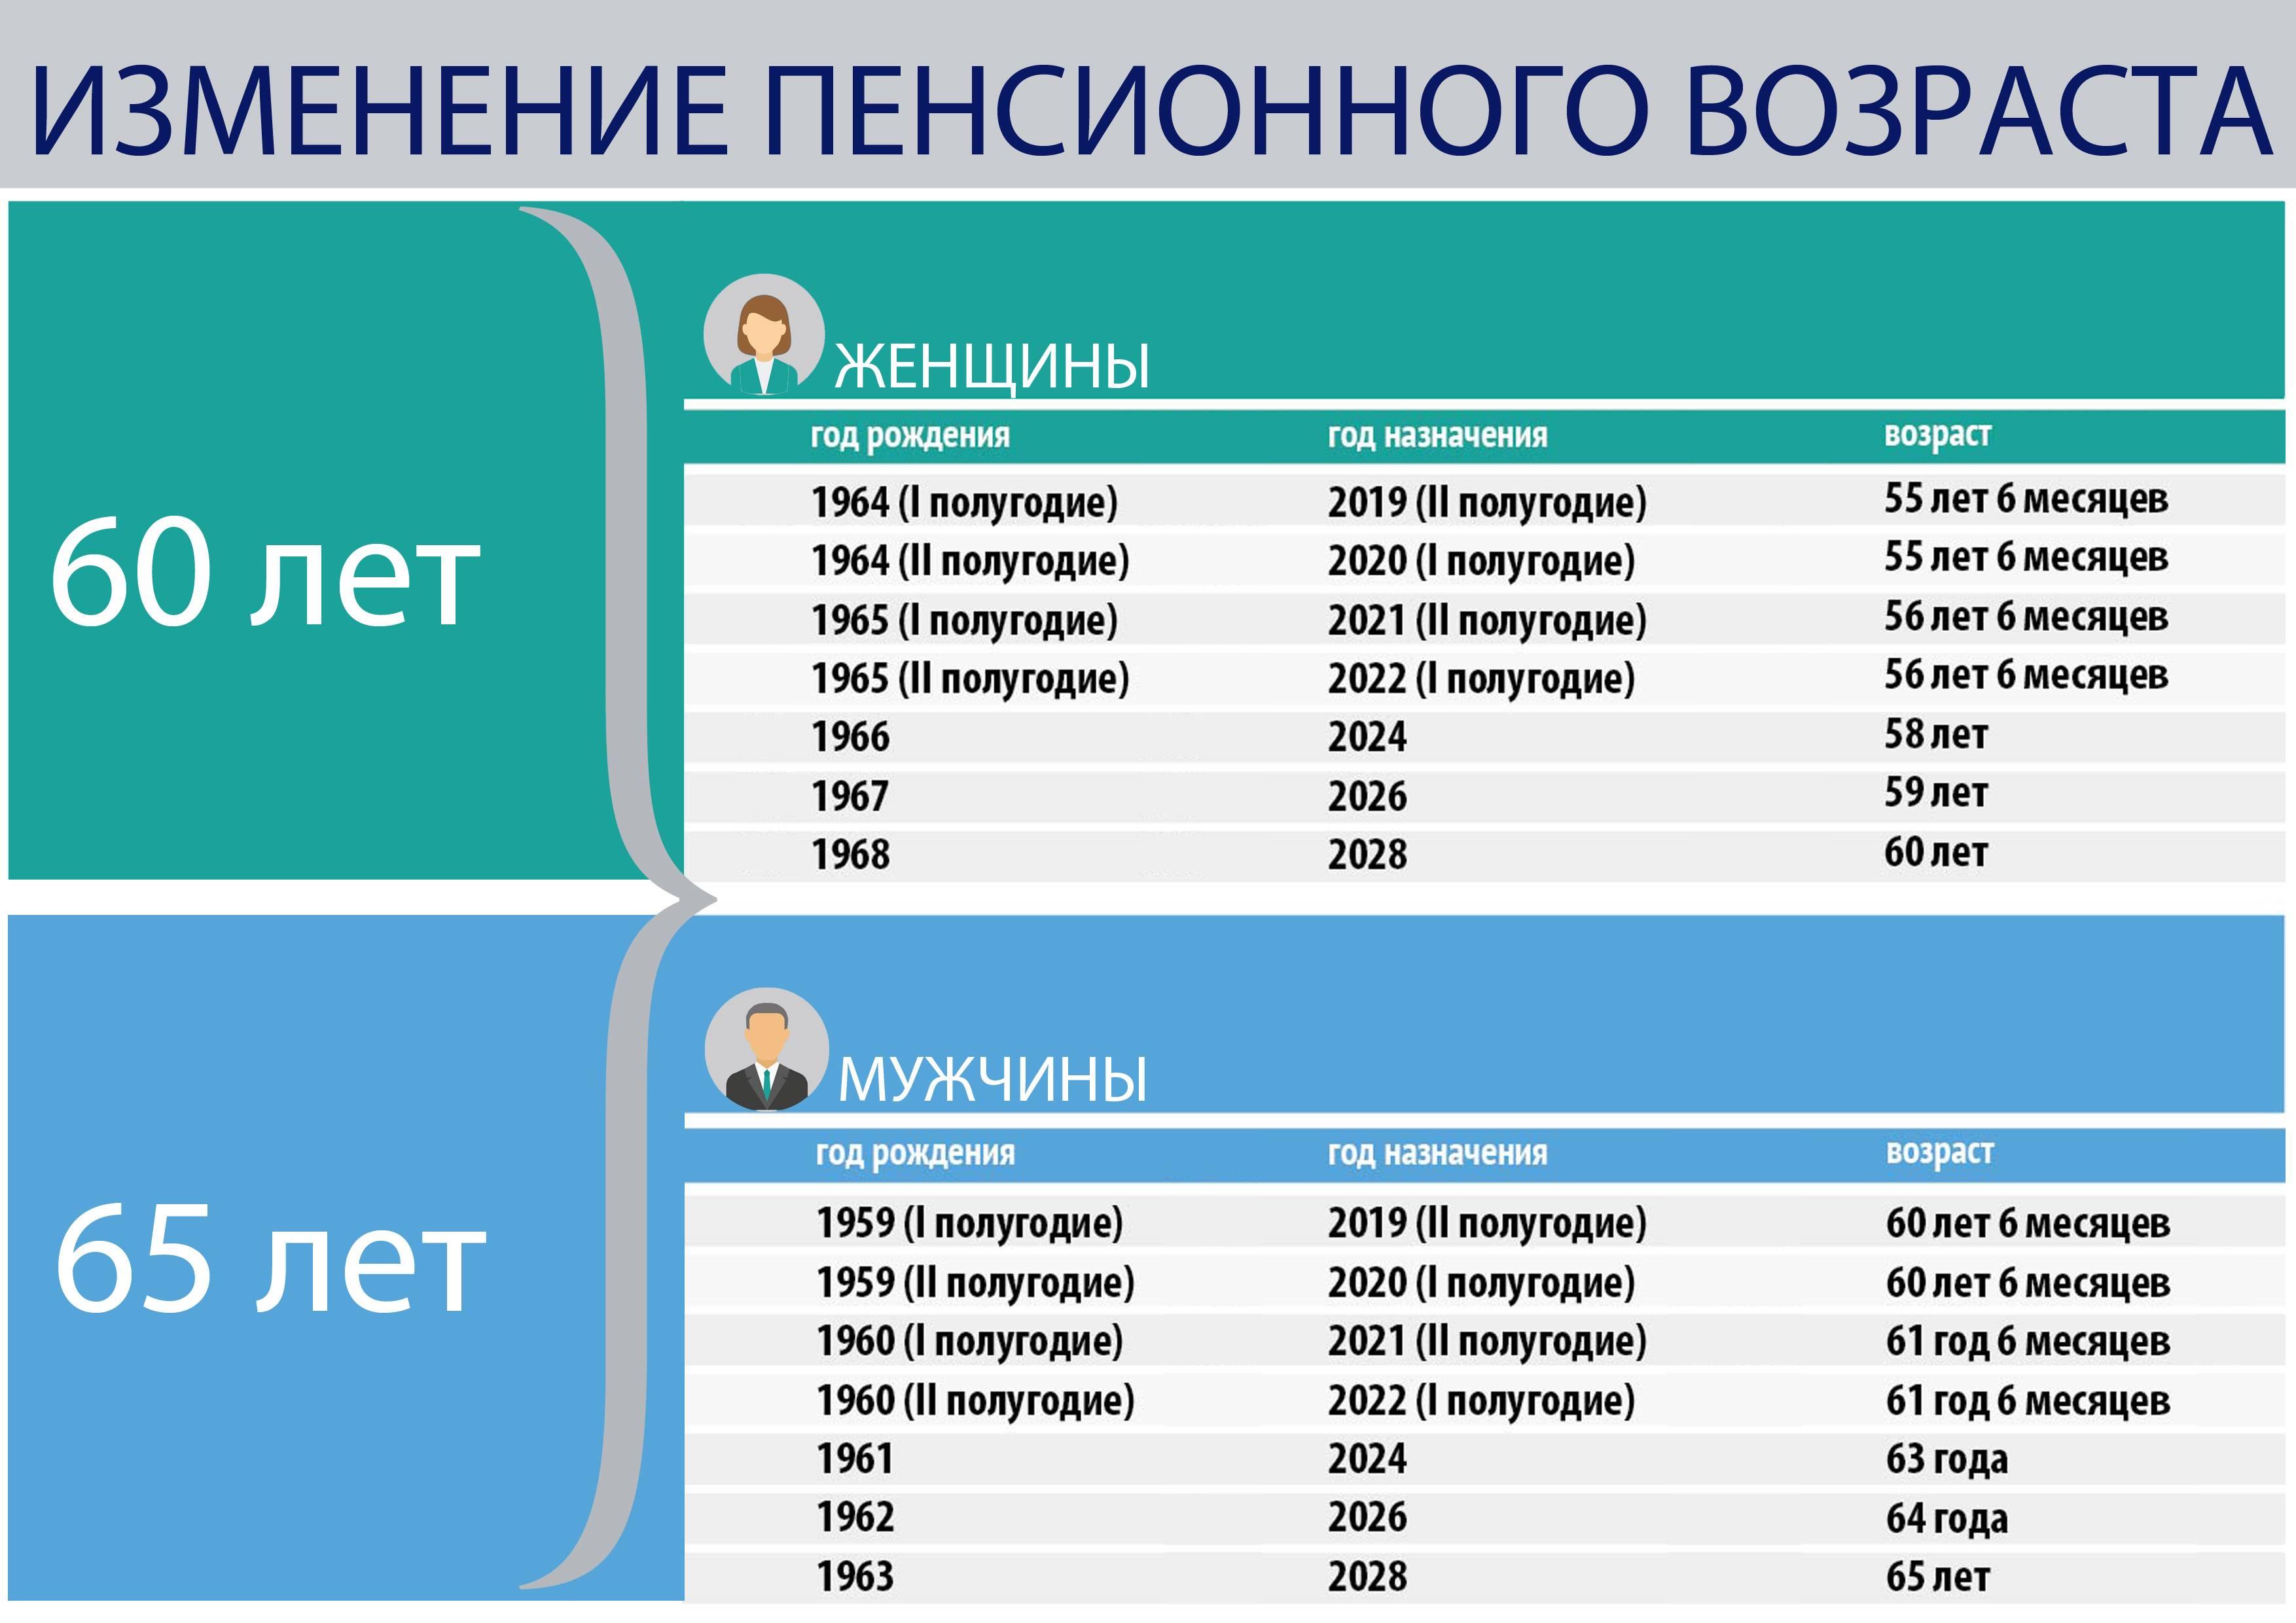 Вид на жительство в болгарии для пенсионеров